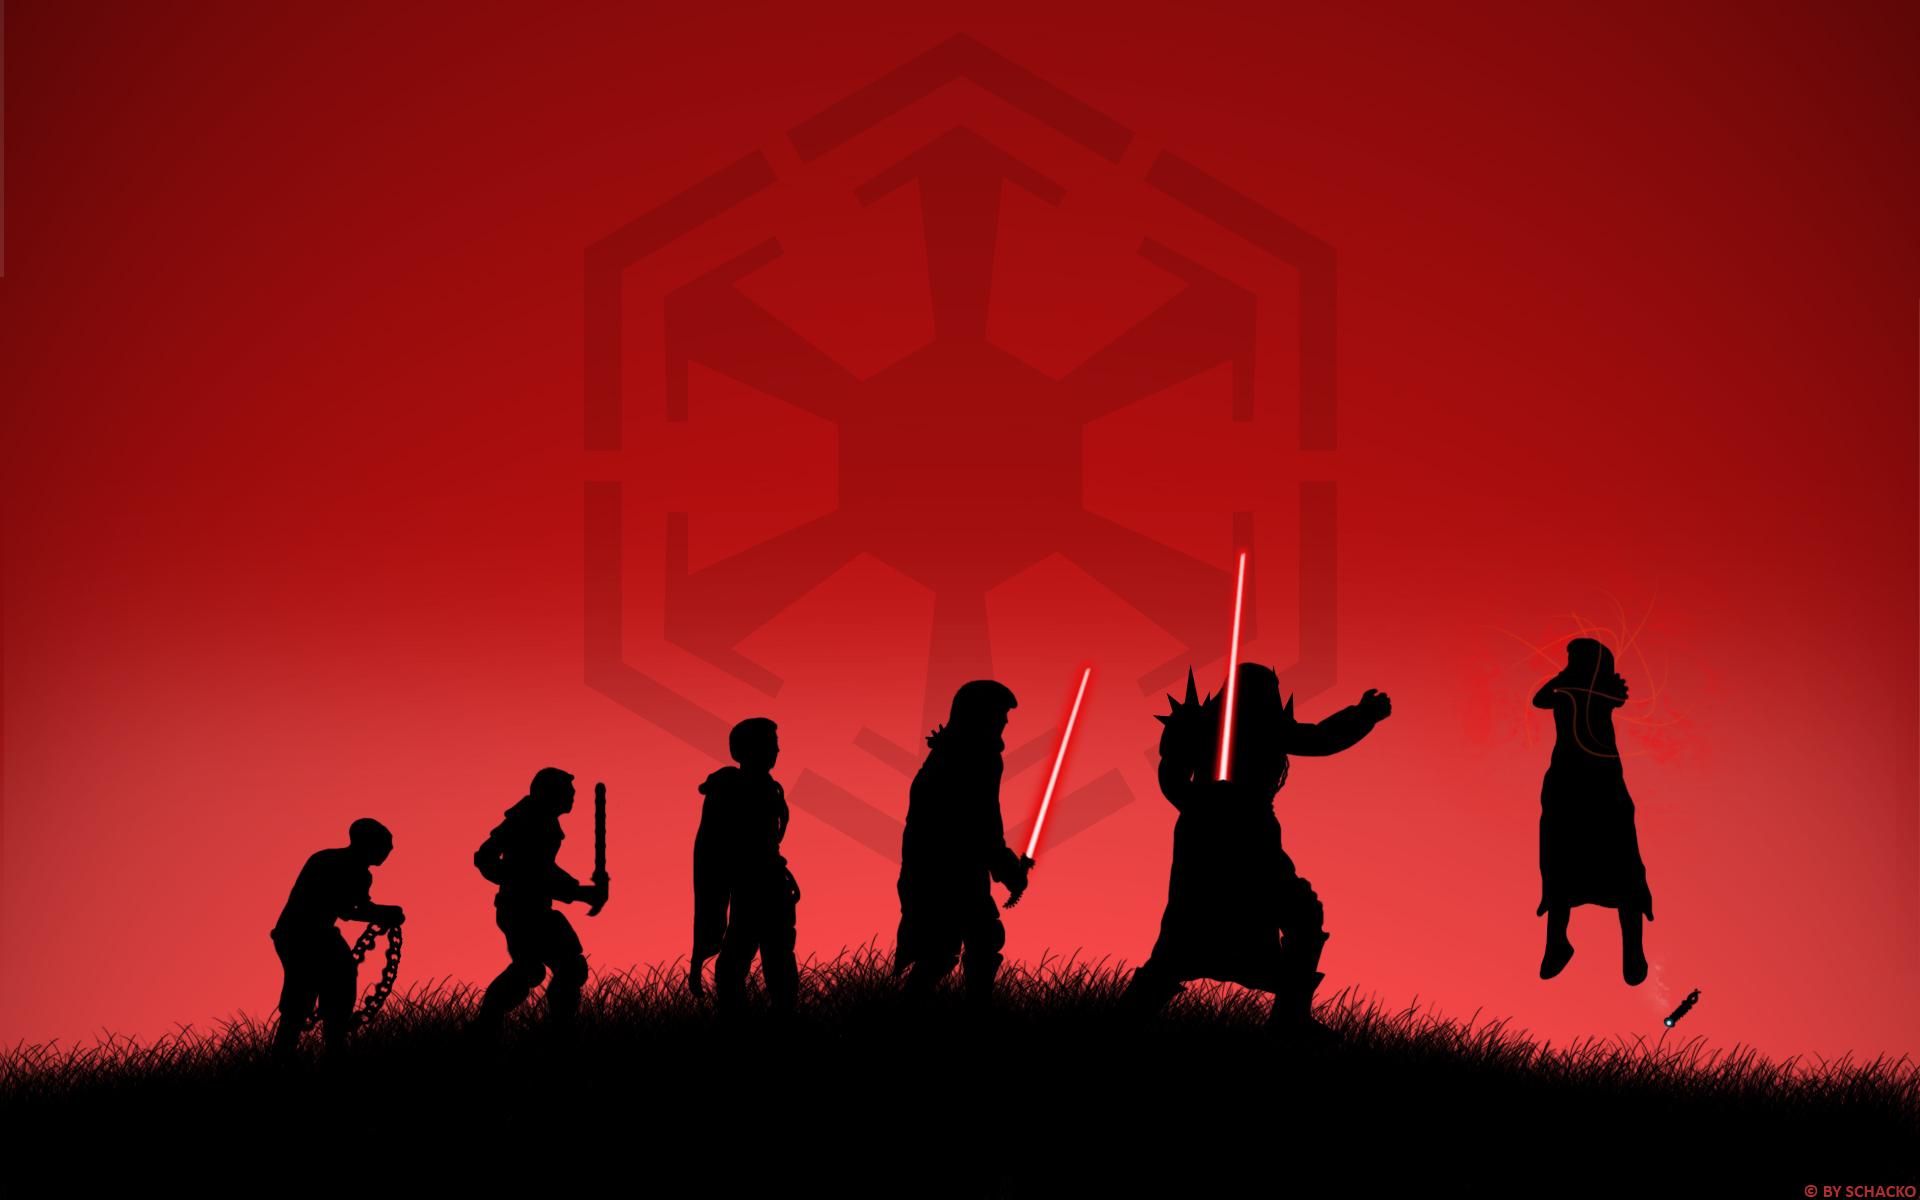 swtor Sith Warrior Evolution by schacko on DeviantArt